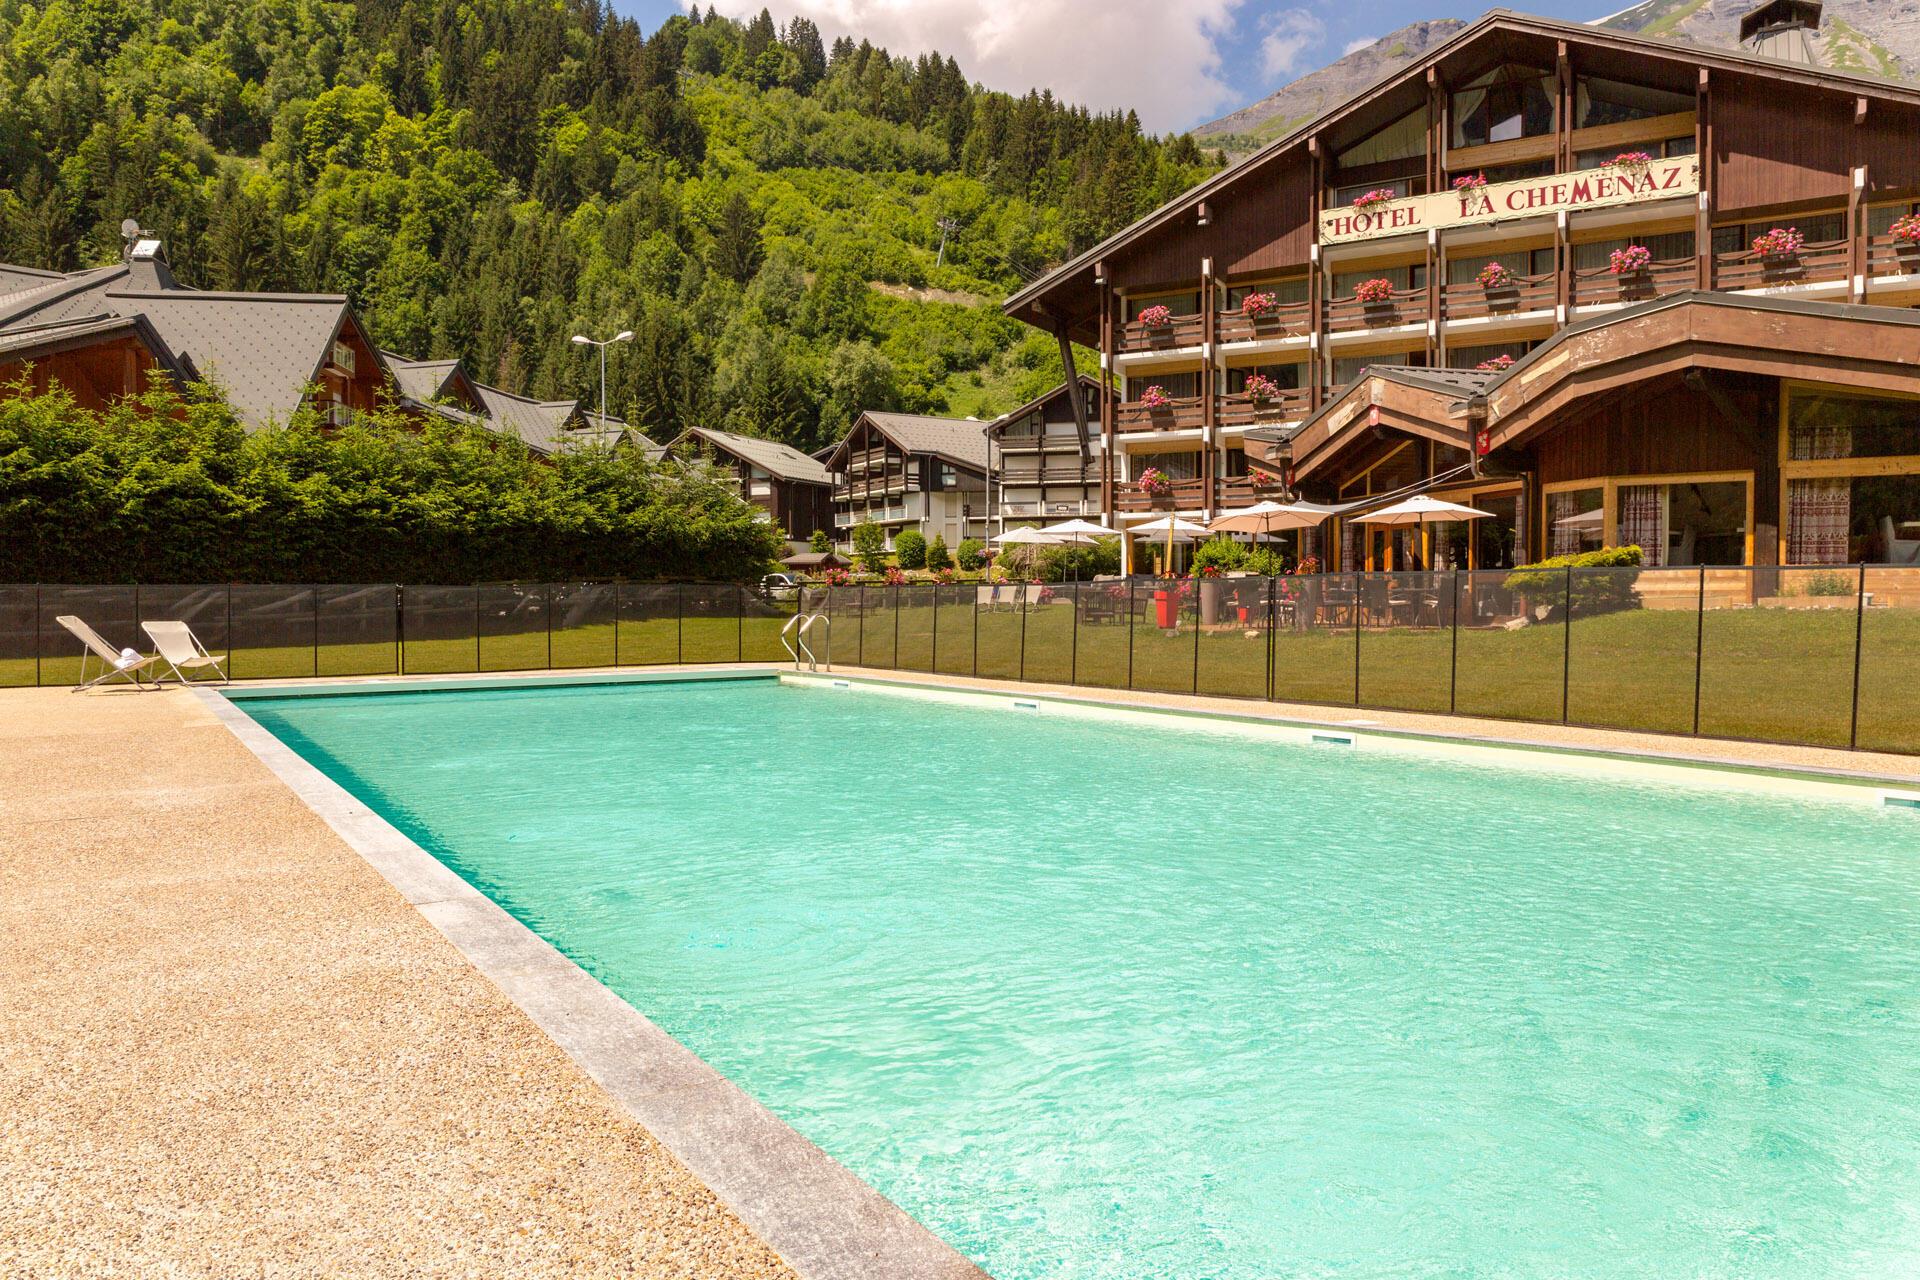 Pool at Chalet Hôtel La Chemenaz in Les Contamines-Montjoie